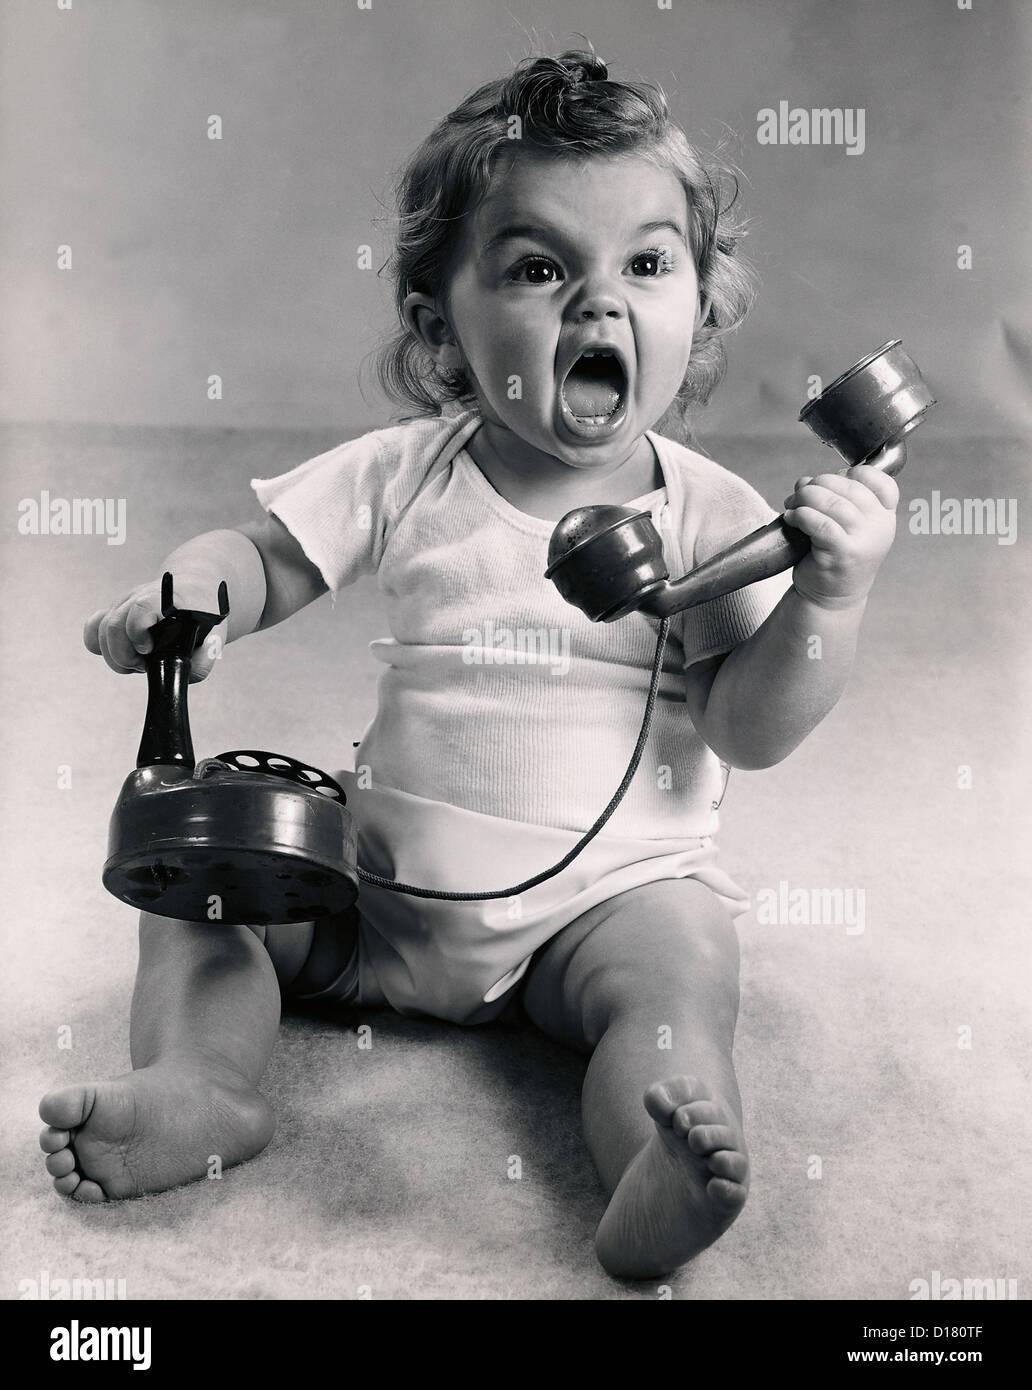 Foto d'epoca del neonato urlando con telefono Immagini Stock